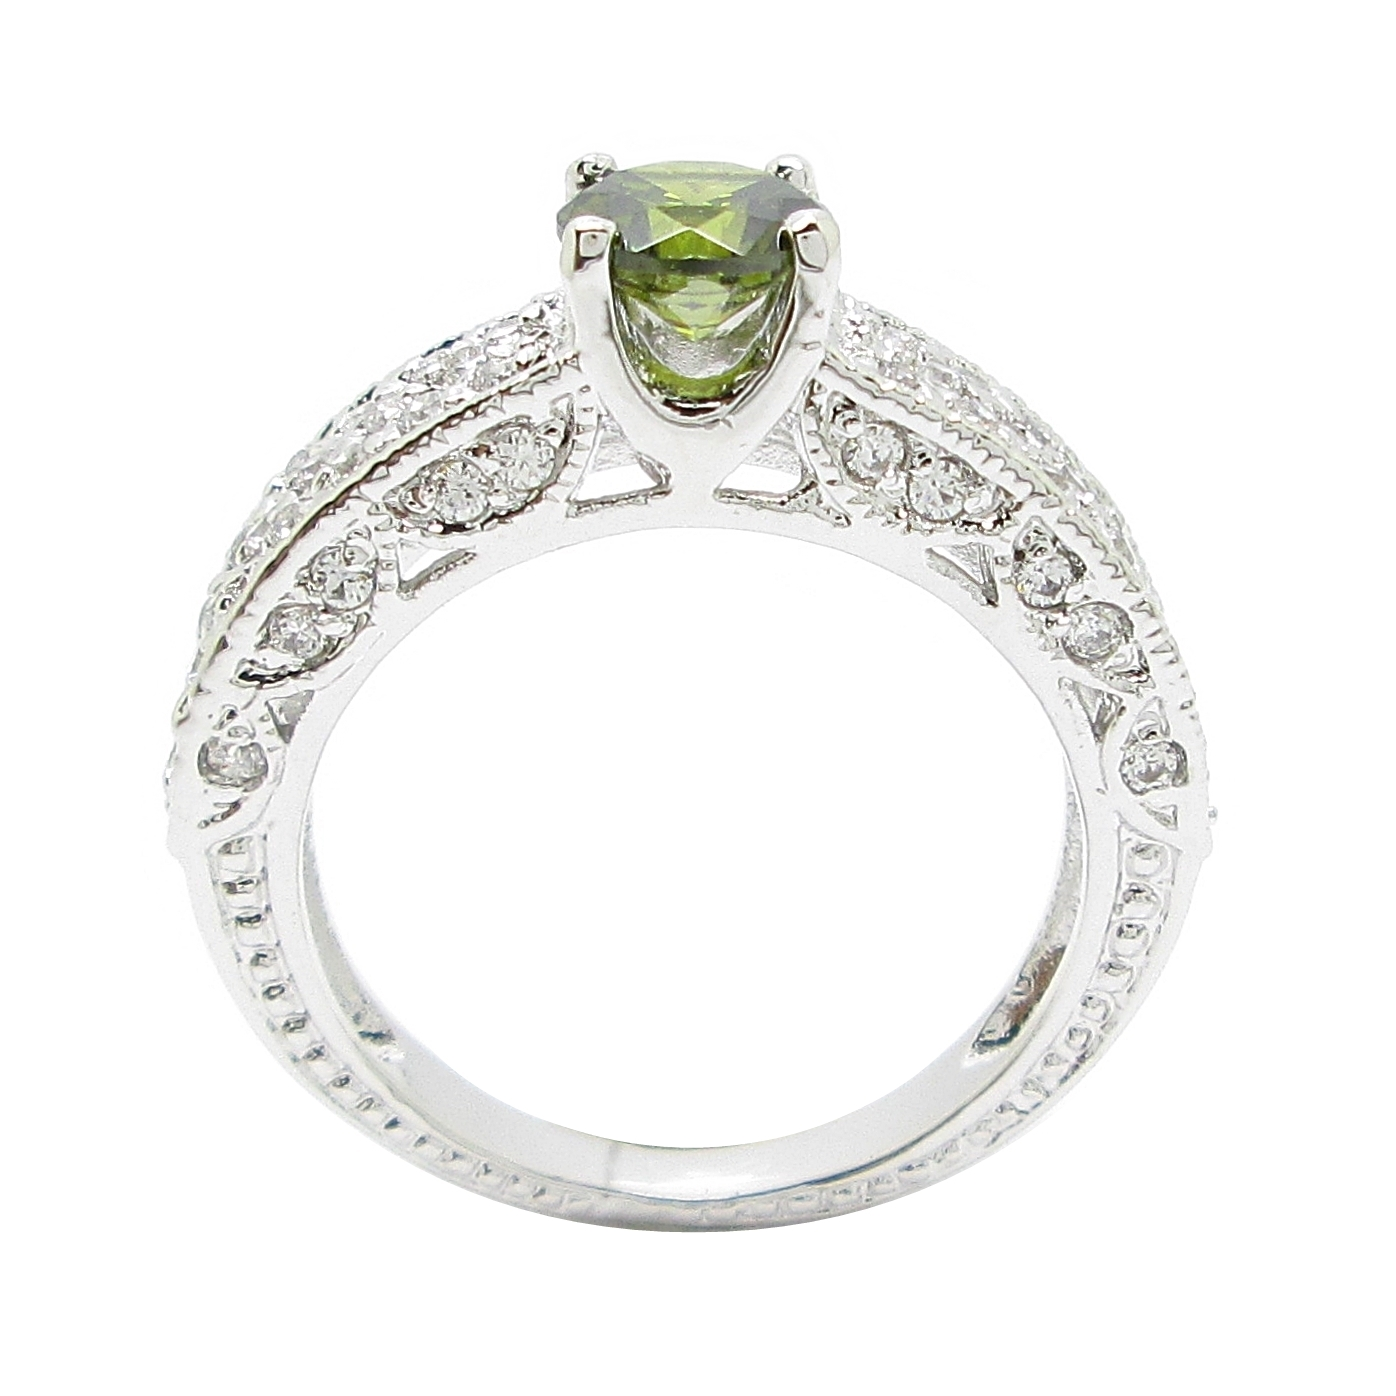 แหวนพลอยสีเขียวส่องประดับฐานแหวนด้วยเพชรจิกไข่ปลาชุบทองคำขาว